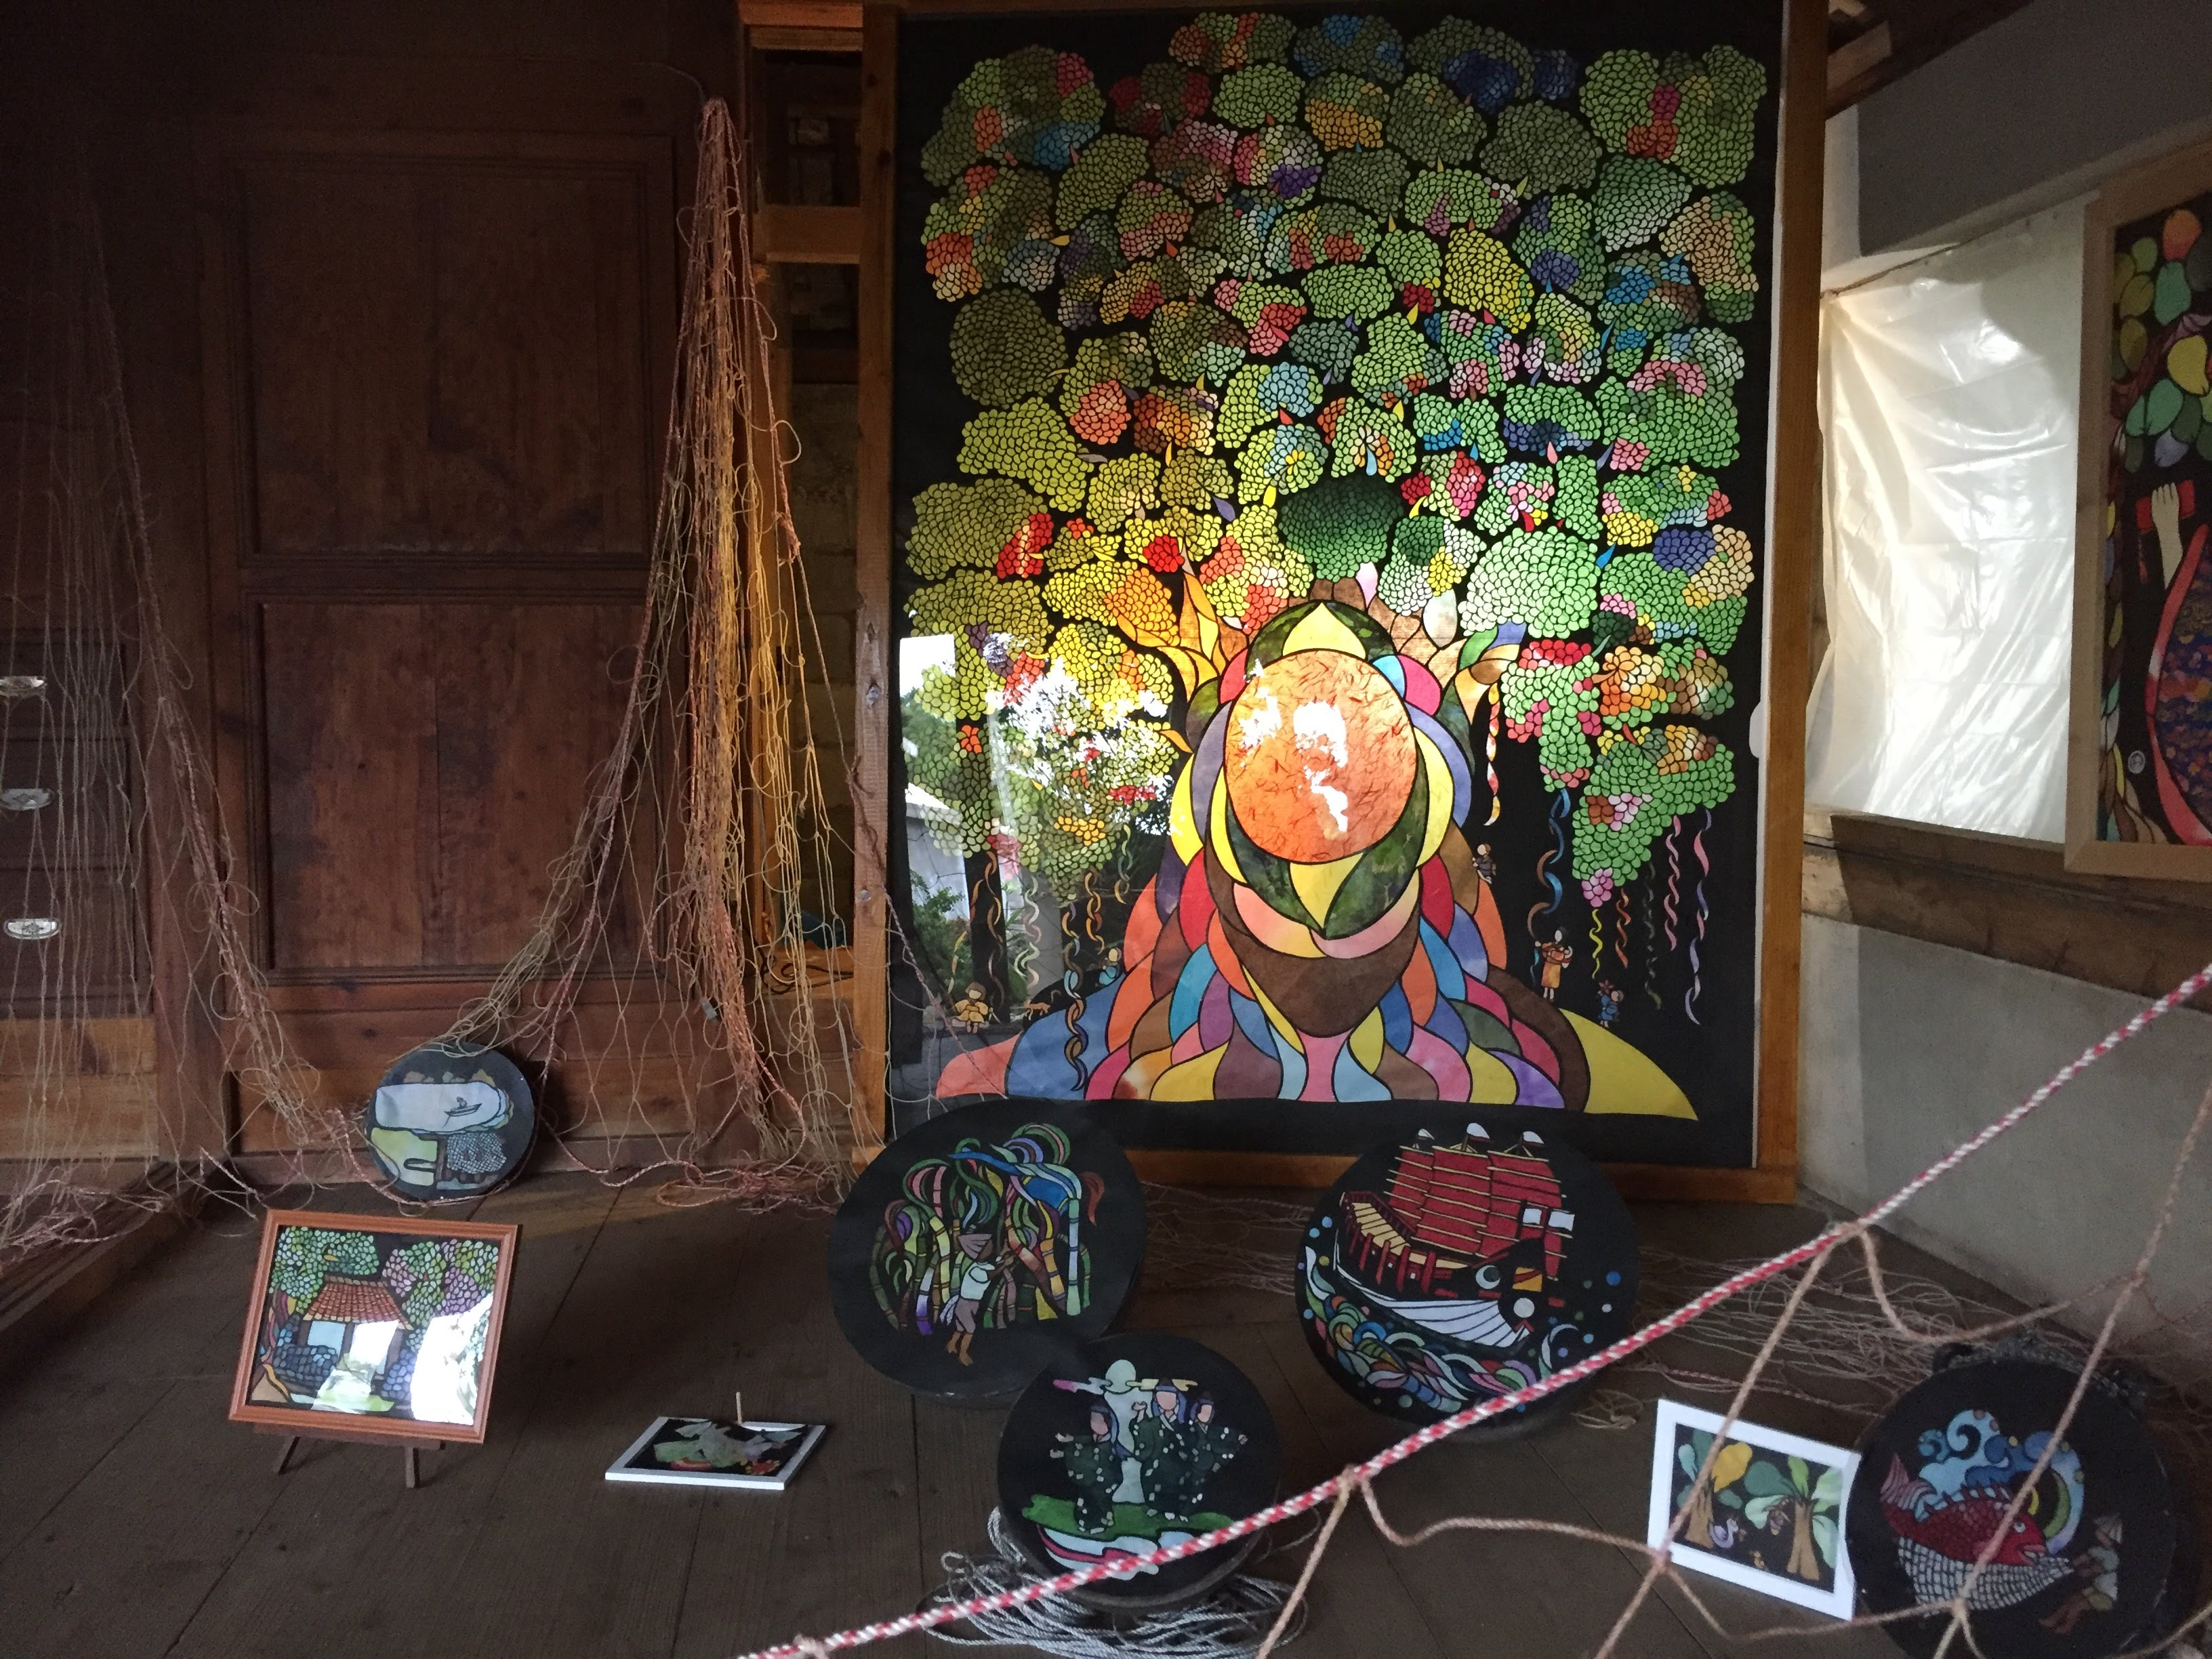 前回は島の廃校、空き家、植物などのアート作品②